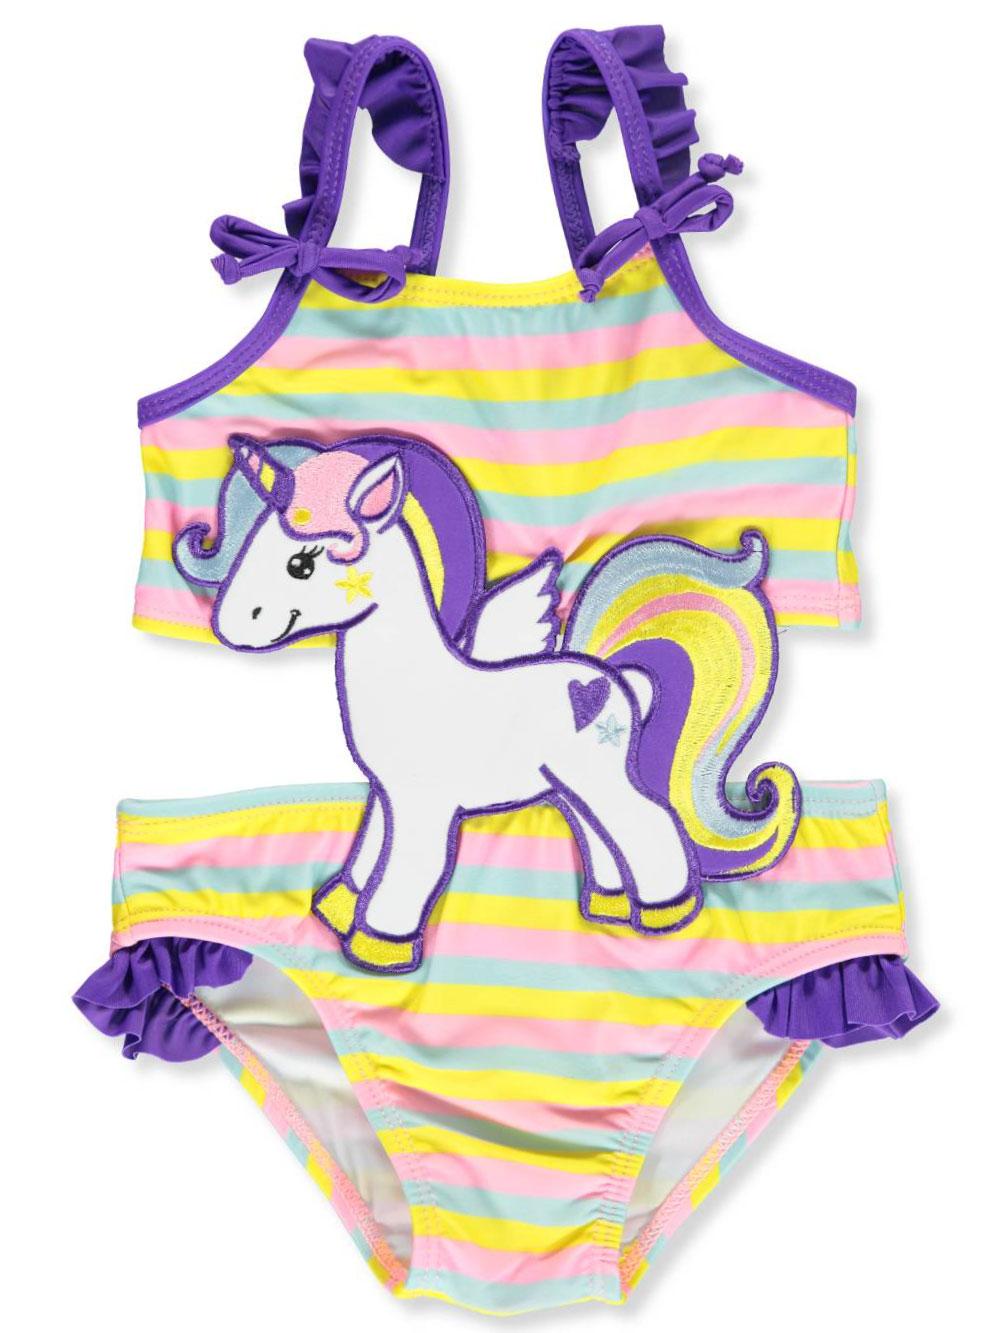 Sol Swim Baby Girls/' 1-Piece Swimsuit